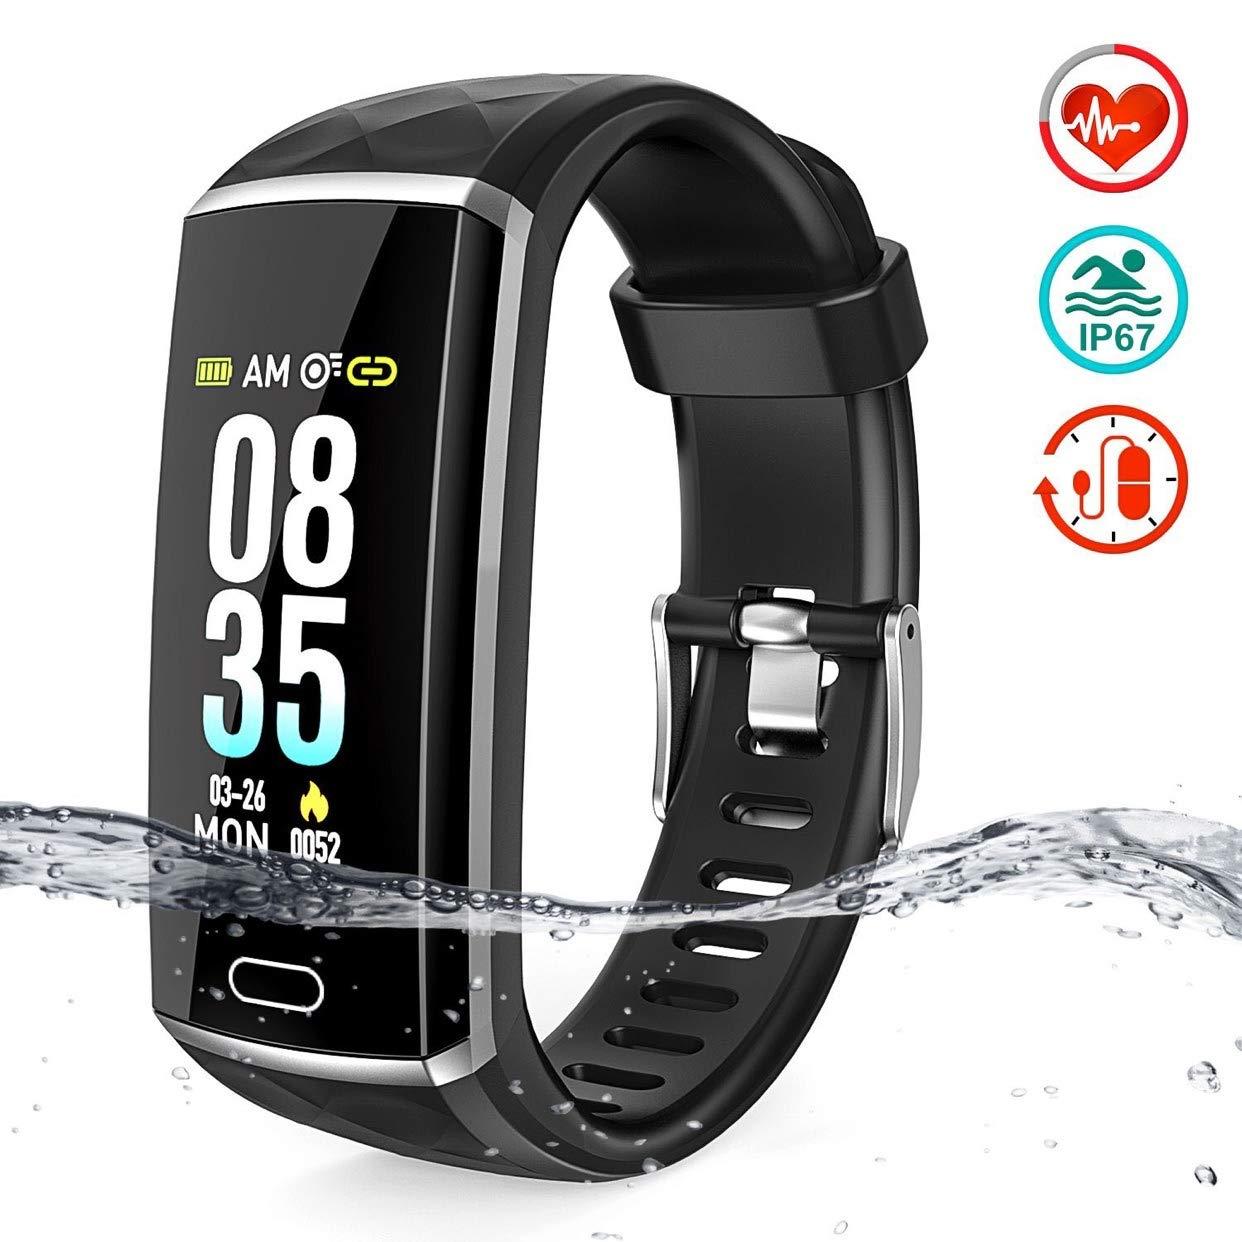 Pulsera de Actividad, LOZAYI Pulsera Actividad Inteligente, Reloj Inteligente Pantalla Color 0.96' Pulsómetro Presión… 1